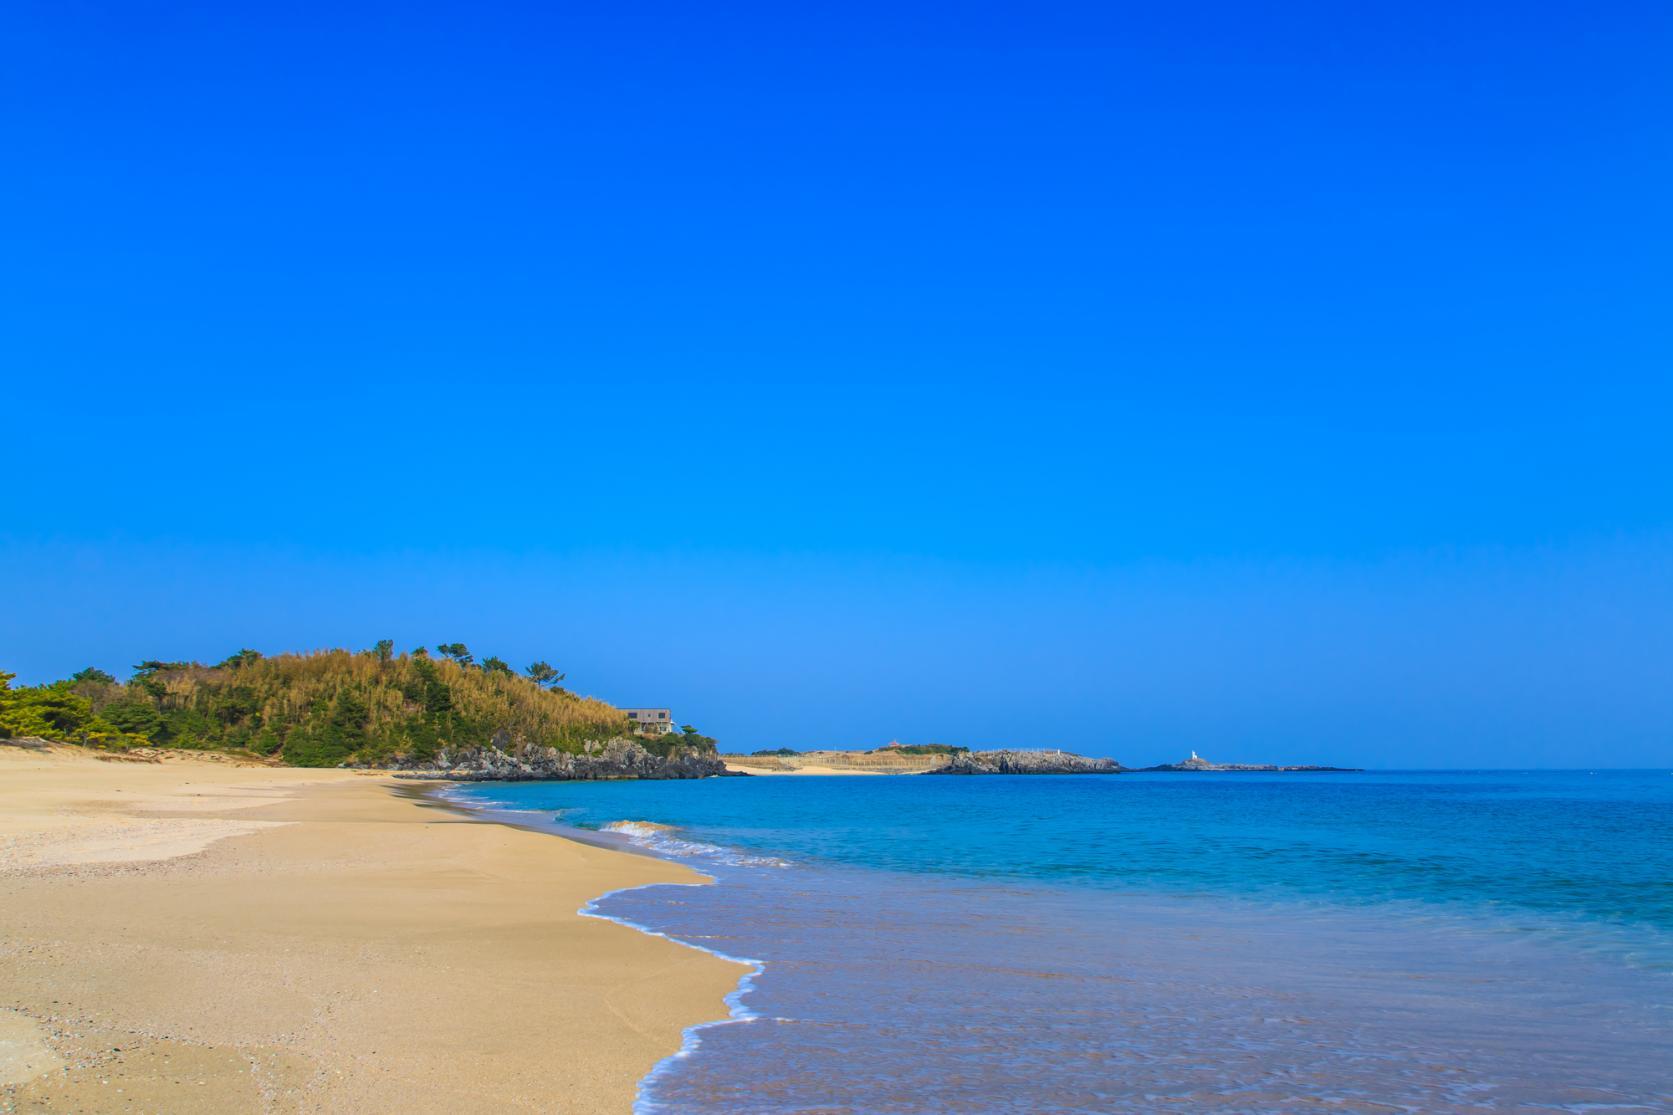 まるで玄界灘の宝石箱!広大な絶景ビーチでゆったり海水浴を-4